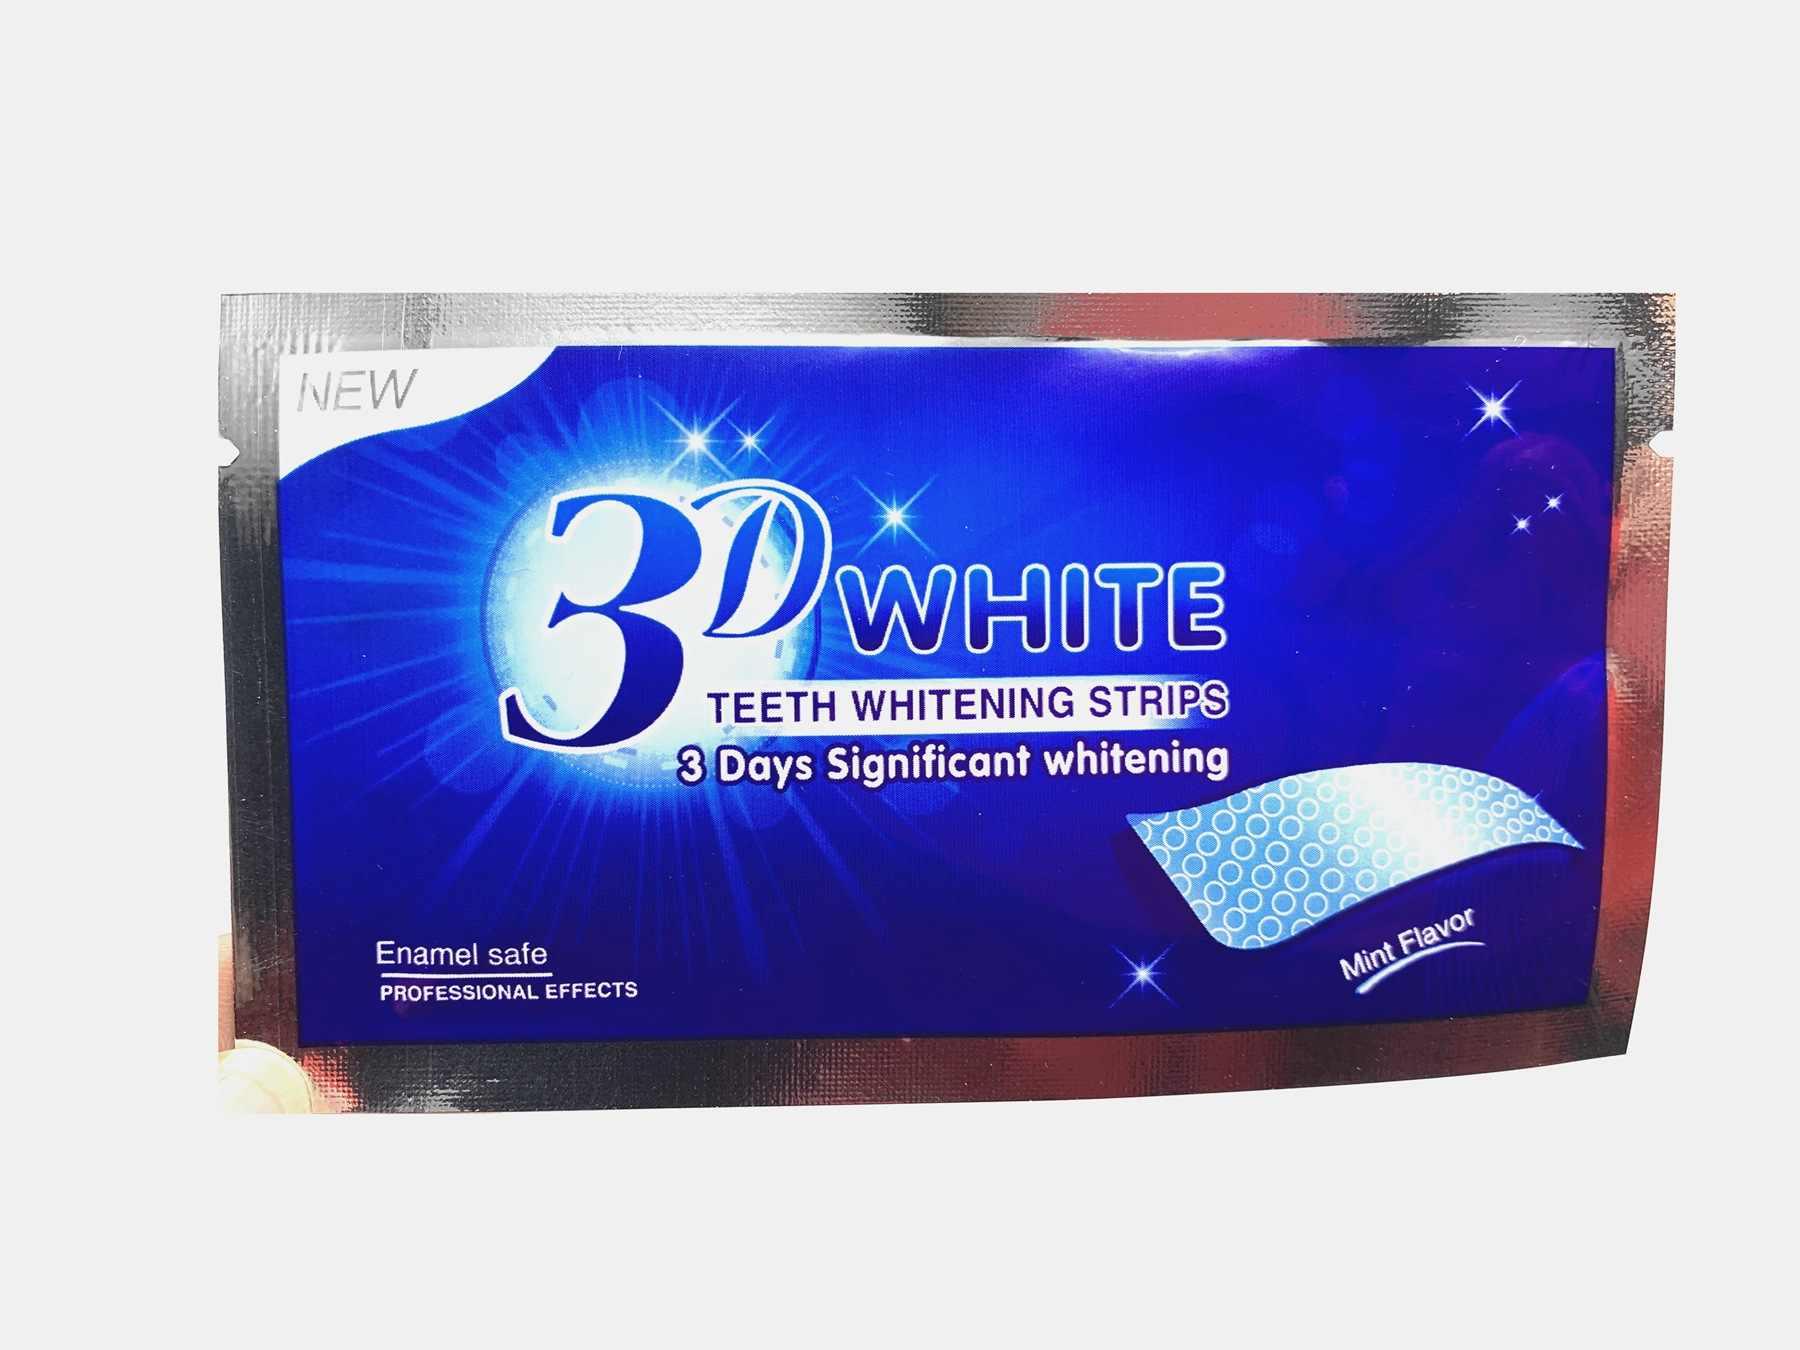 Tiras de Cuidado Oral, pasta blanqueadora de dientes, blanqueamiento de dientes, menta, 3 tiras blancas de belleza, blanqueamiento amarillo, artículo